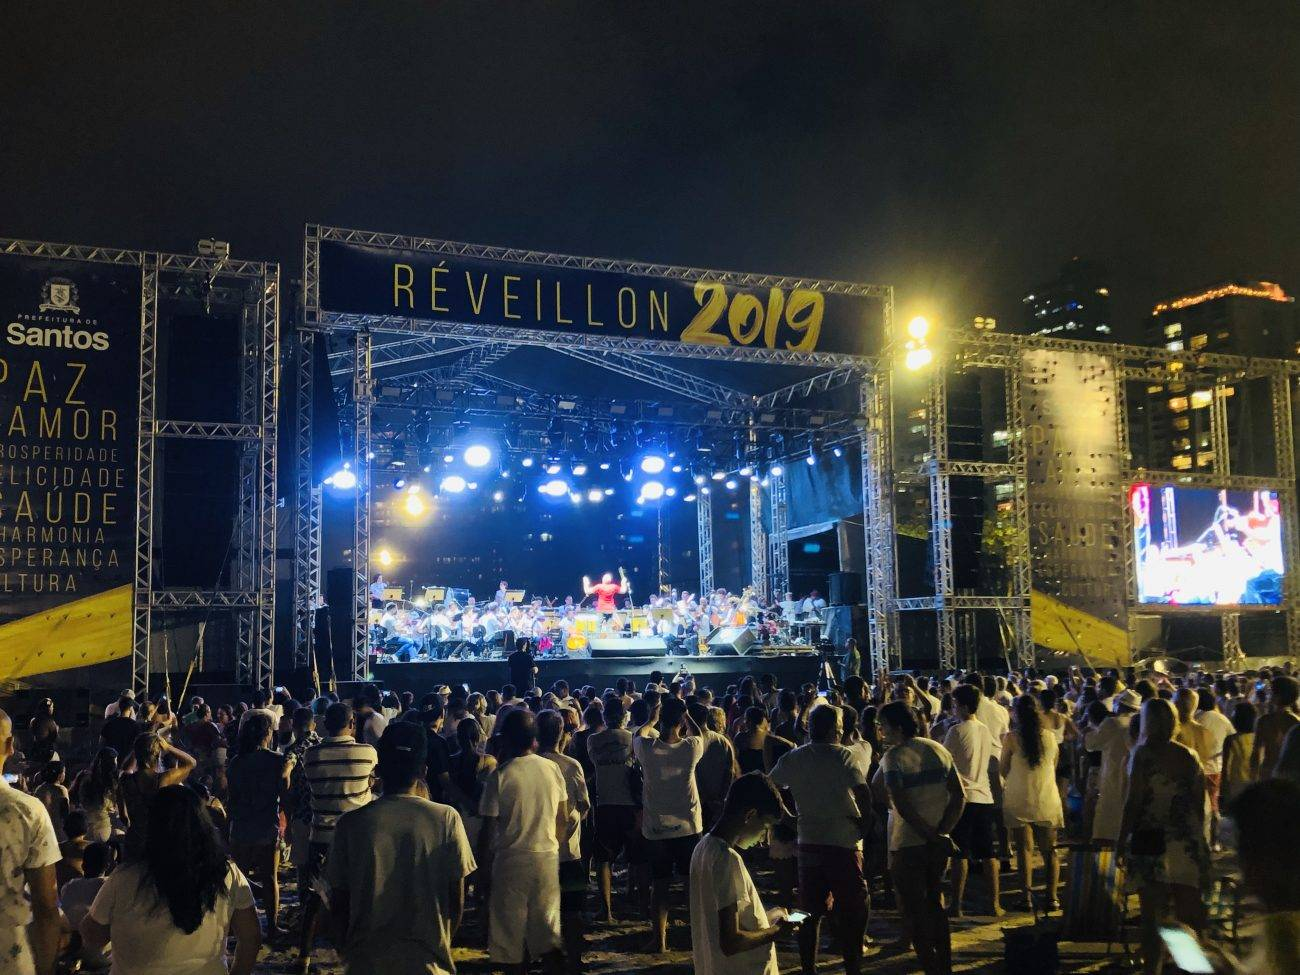 www.juicysantos.com.br - orquestra sinfônica municipal de santos